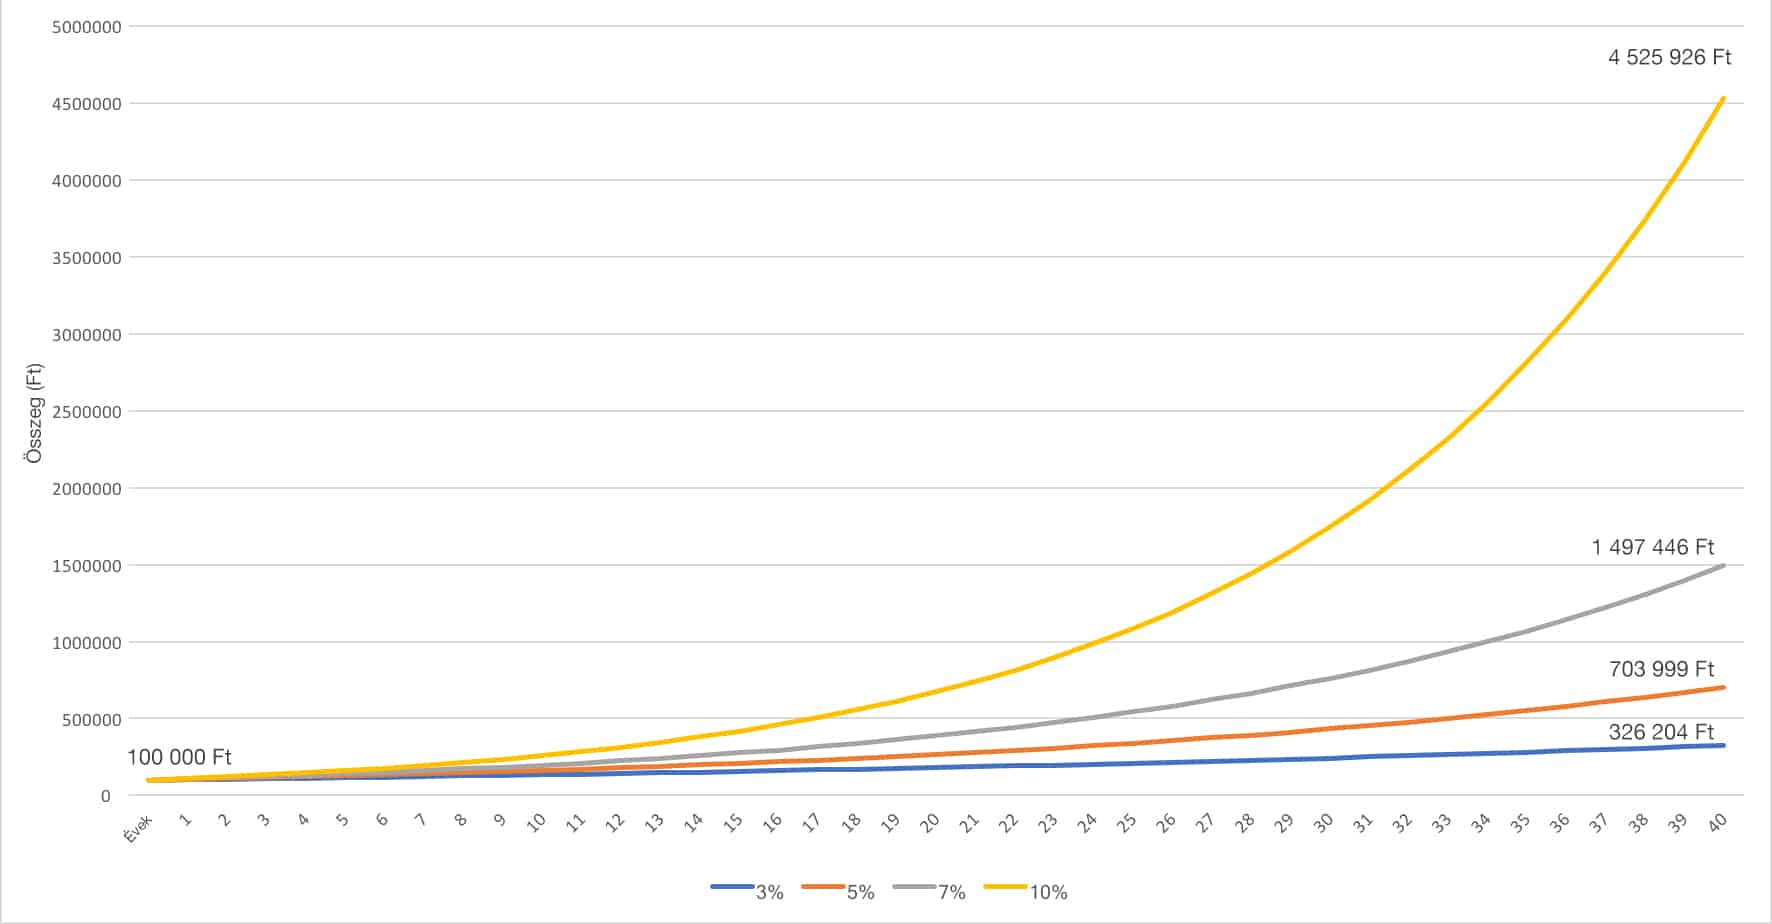 kamatos kamat grafikon példa